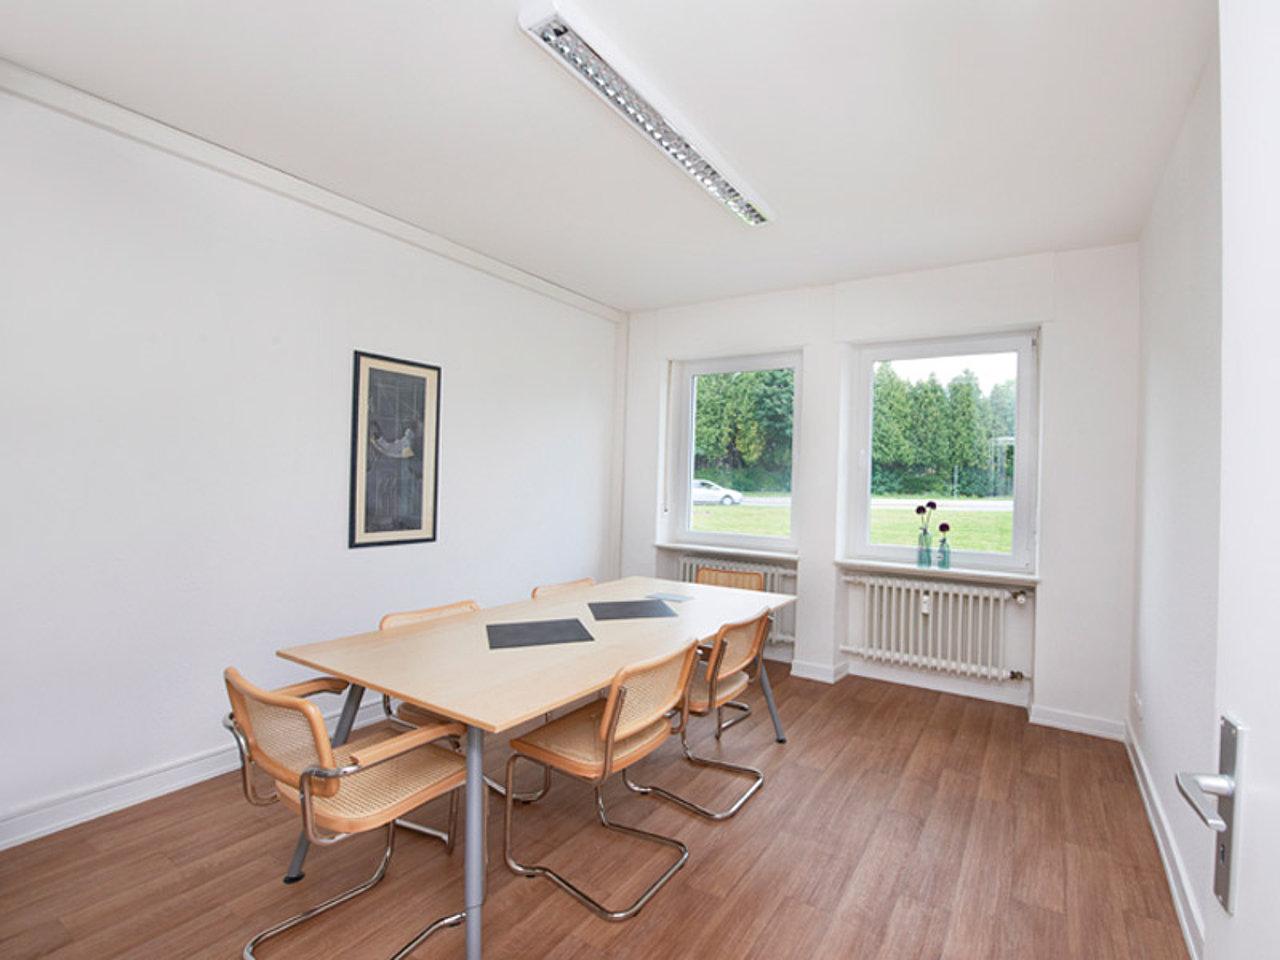 csm_sonnenwiese136_Bsp.-Wohnung_Esszimmer_e6366cf243